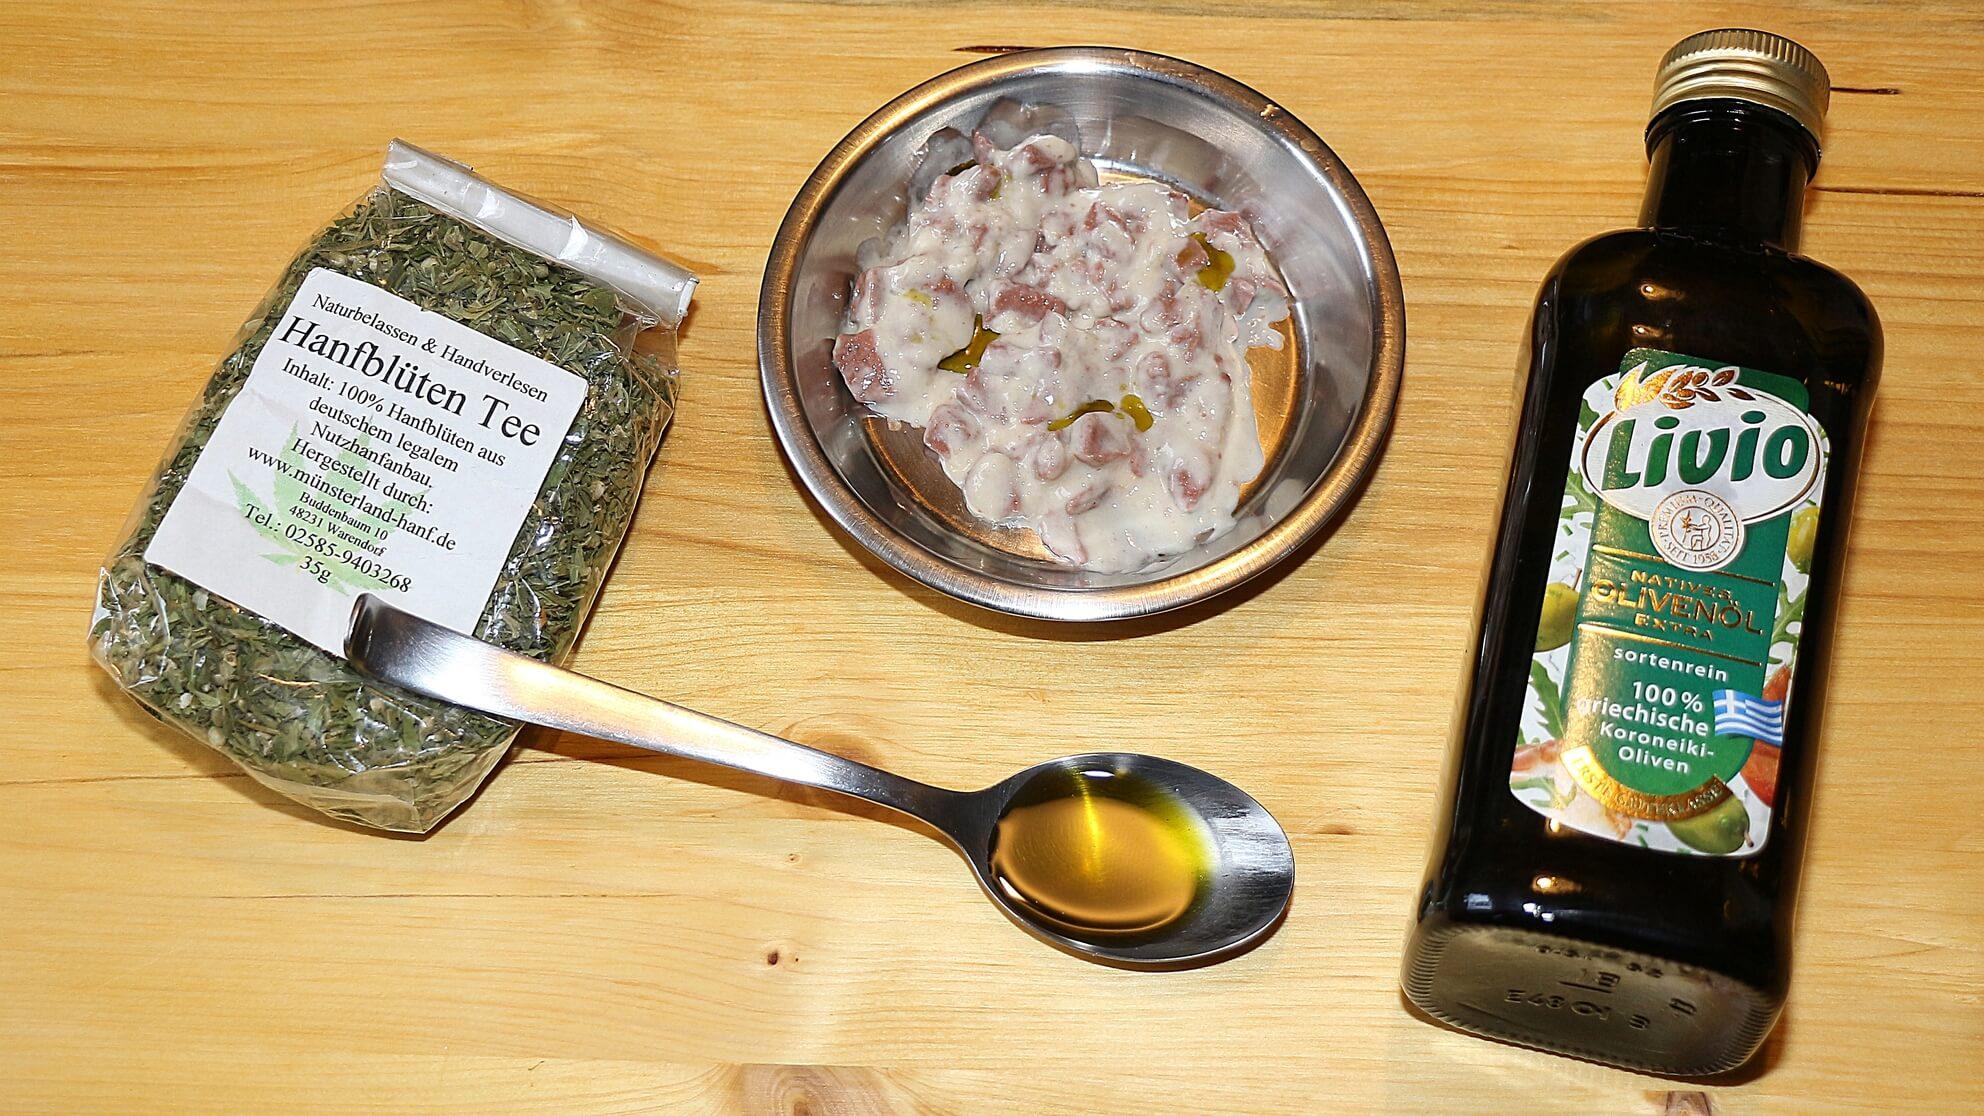 Eigenes CBD-Olivenöl aus Cannabis für Tiere im Futter – wegen der Terpene die Rezeptur anpassen!